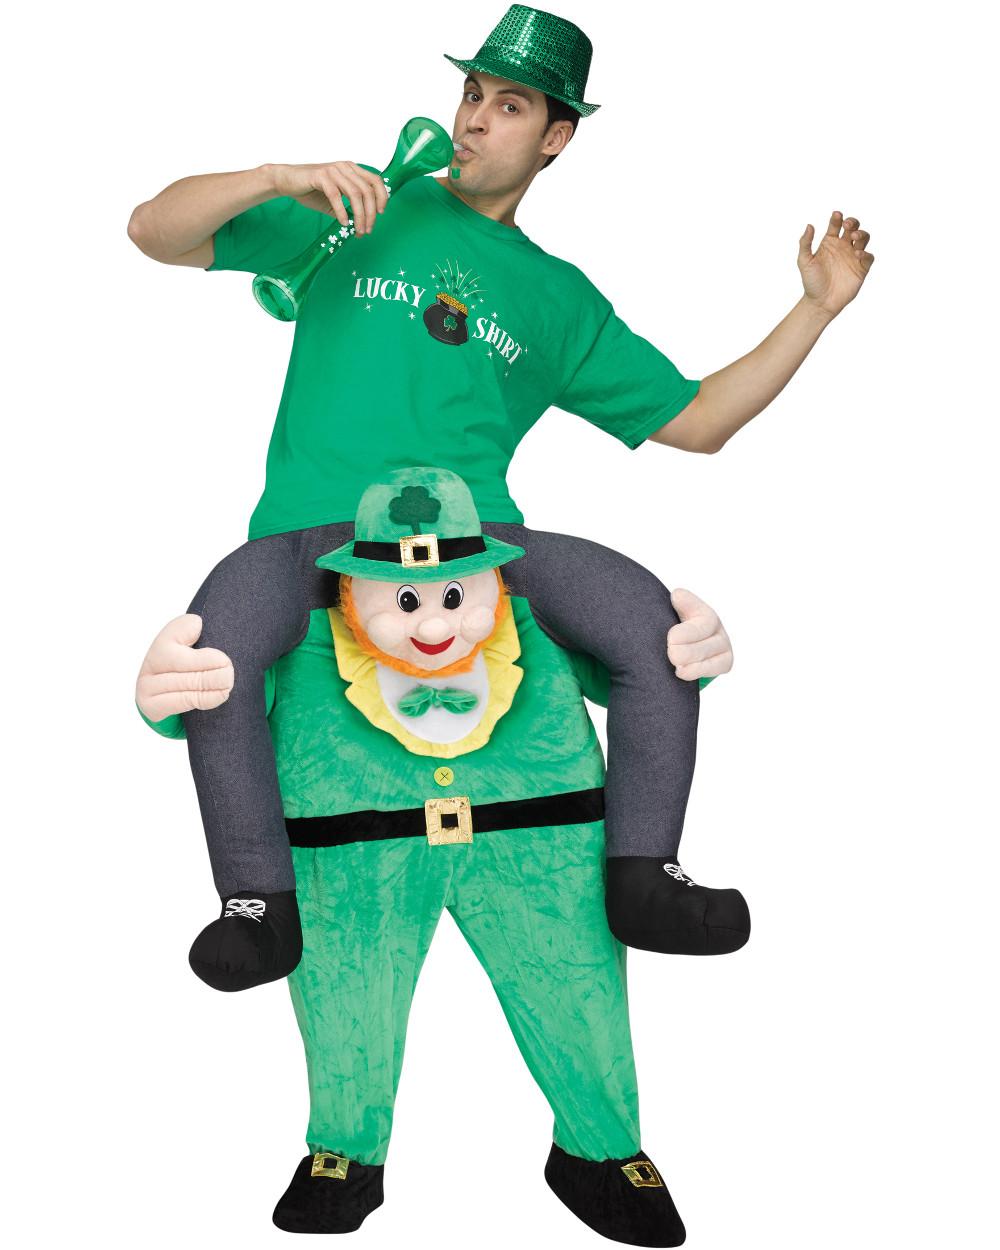 ... Leprechaun Costume. //d3d71ba2asa5oz.cloudfront.net/13000236/images/fw119624__2.  sc 1 st  BlockBuster Costumes & Menu0027s Carry Me Leprechaun Costume